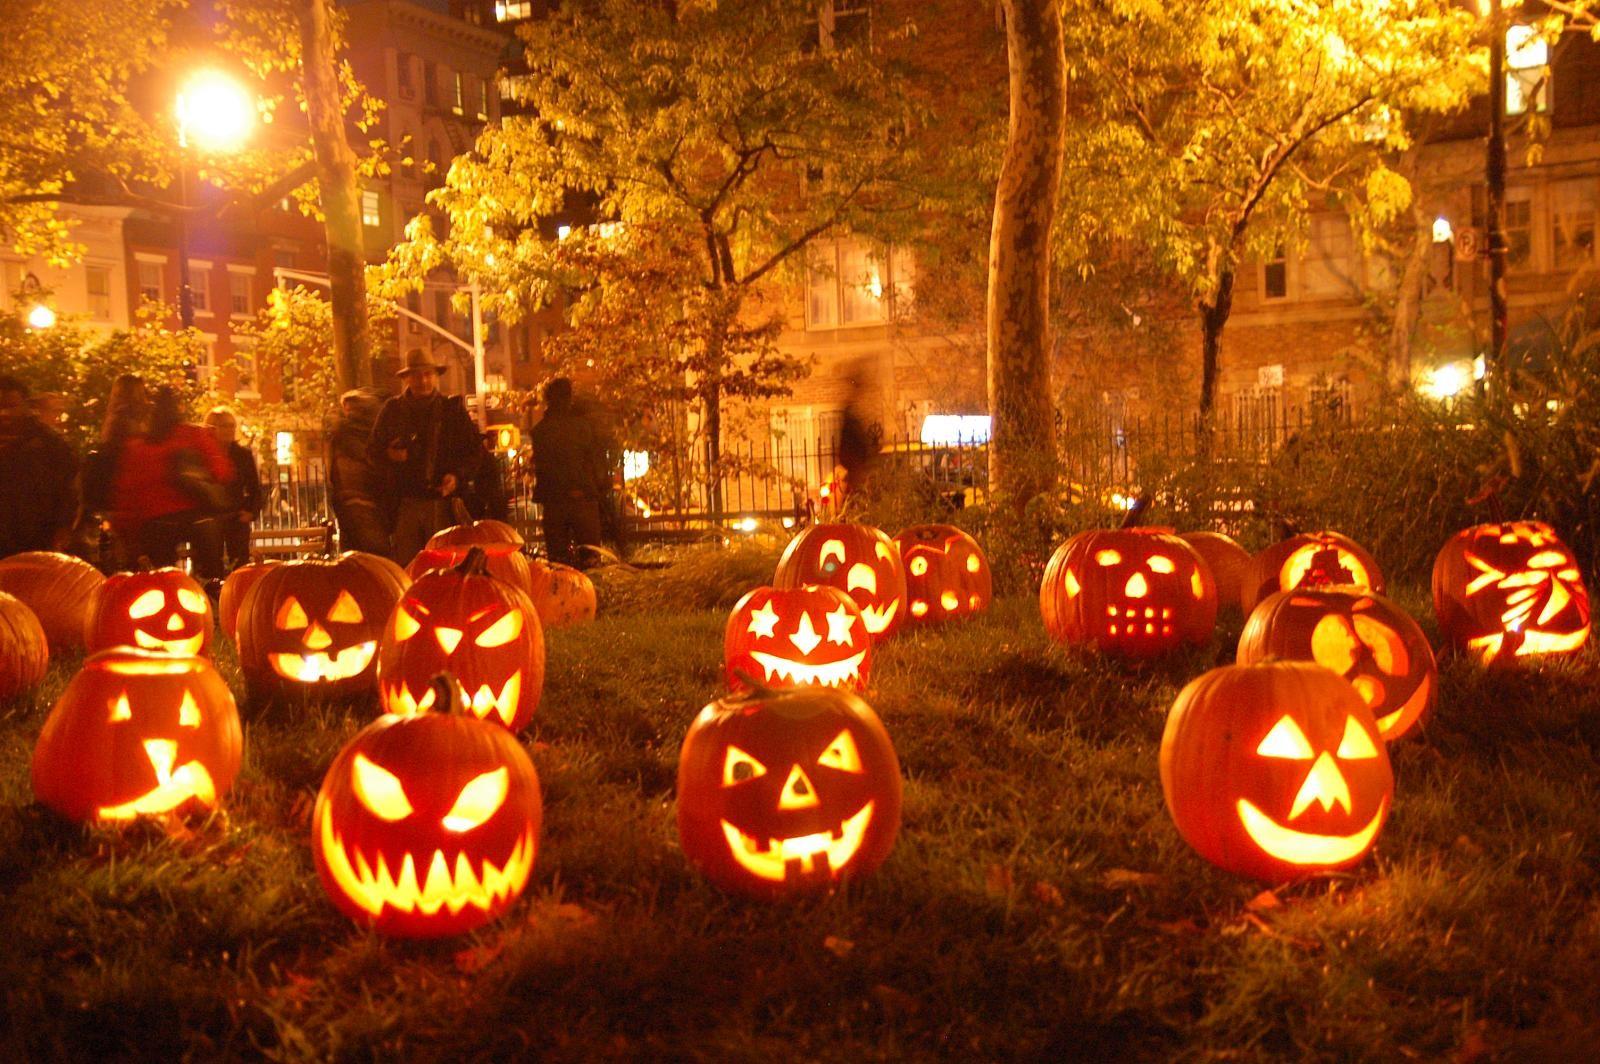 デスクトップ壁紙 ライト シティ 夜 ハロウィン かぼちゃ 休日 クリスマスのあかり イベント 点灯 クリスマスの飾り 1600x1064 Einhard デスクトップ壁紙 Wallhere